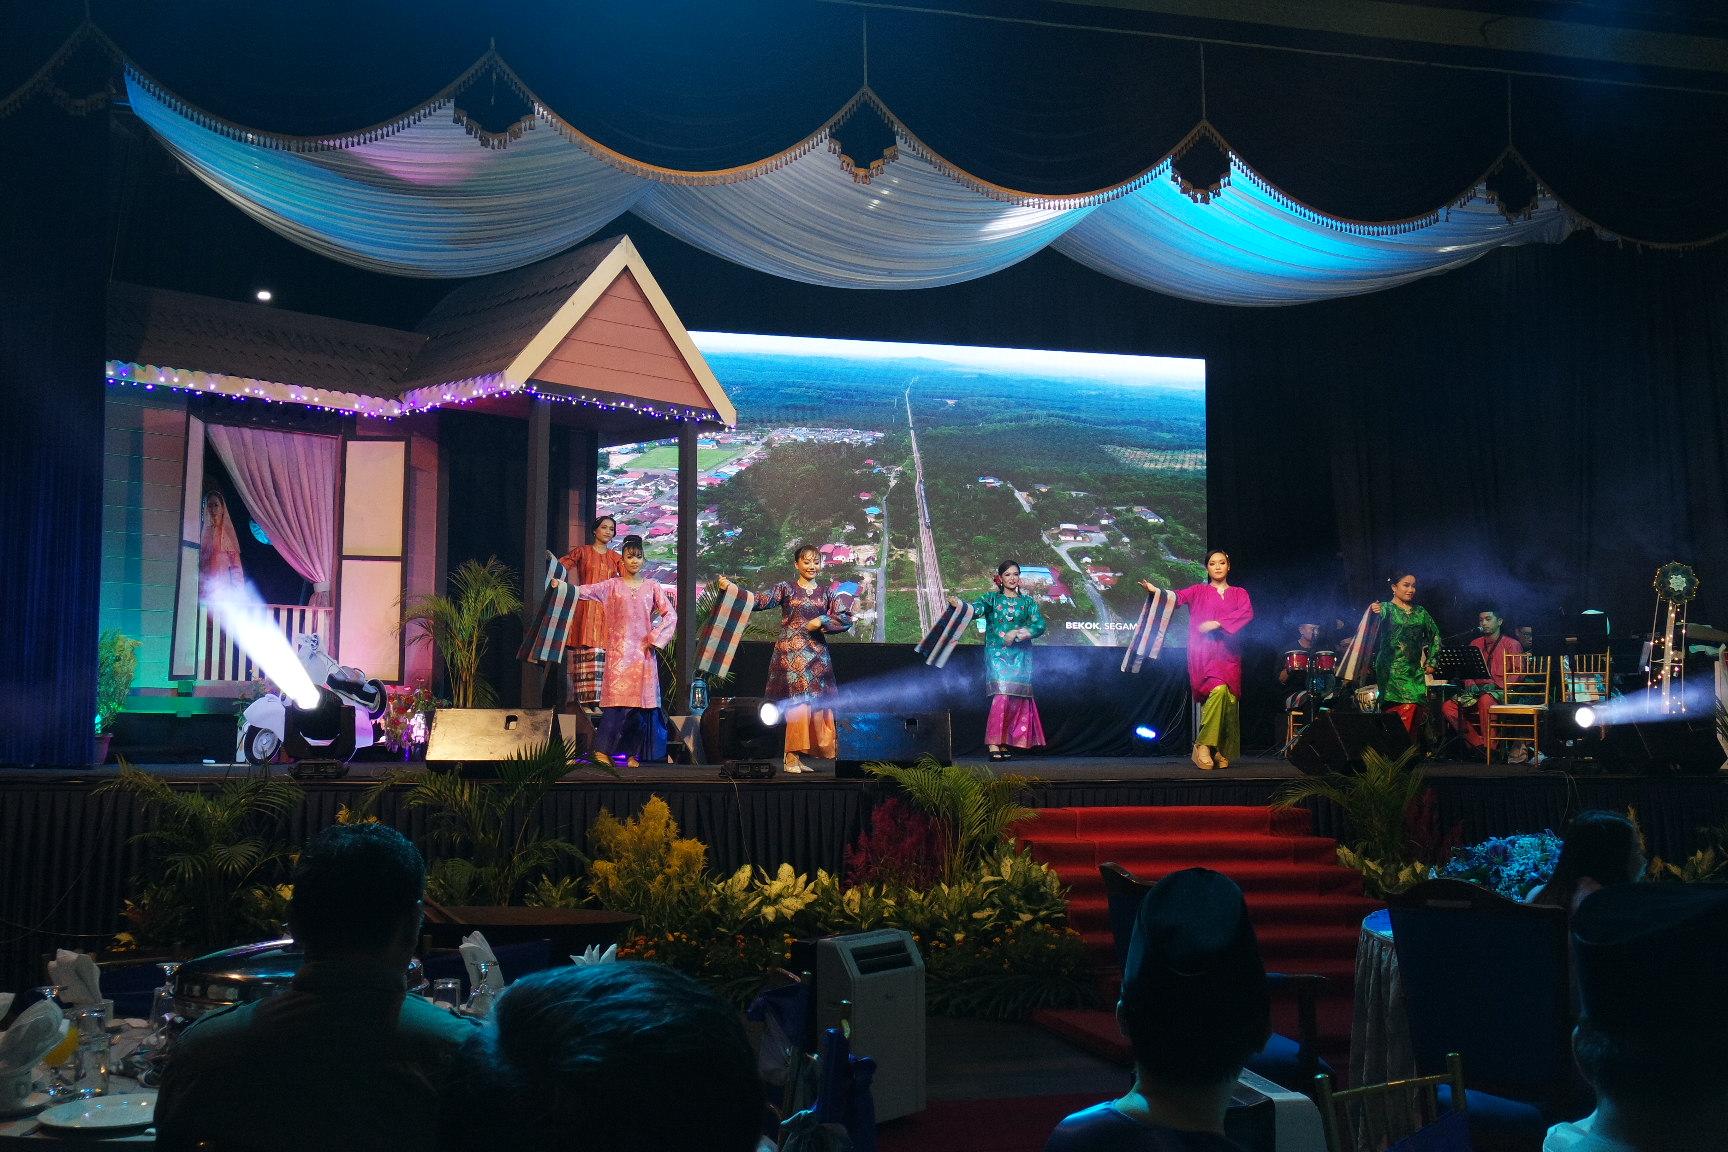 Tourism Johor and Yayasan Warisan Johor Hosts a Majestic Raya Celebration